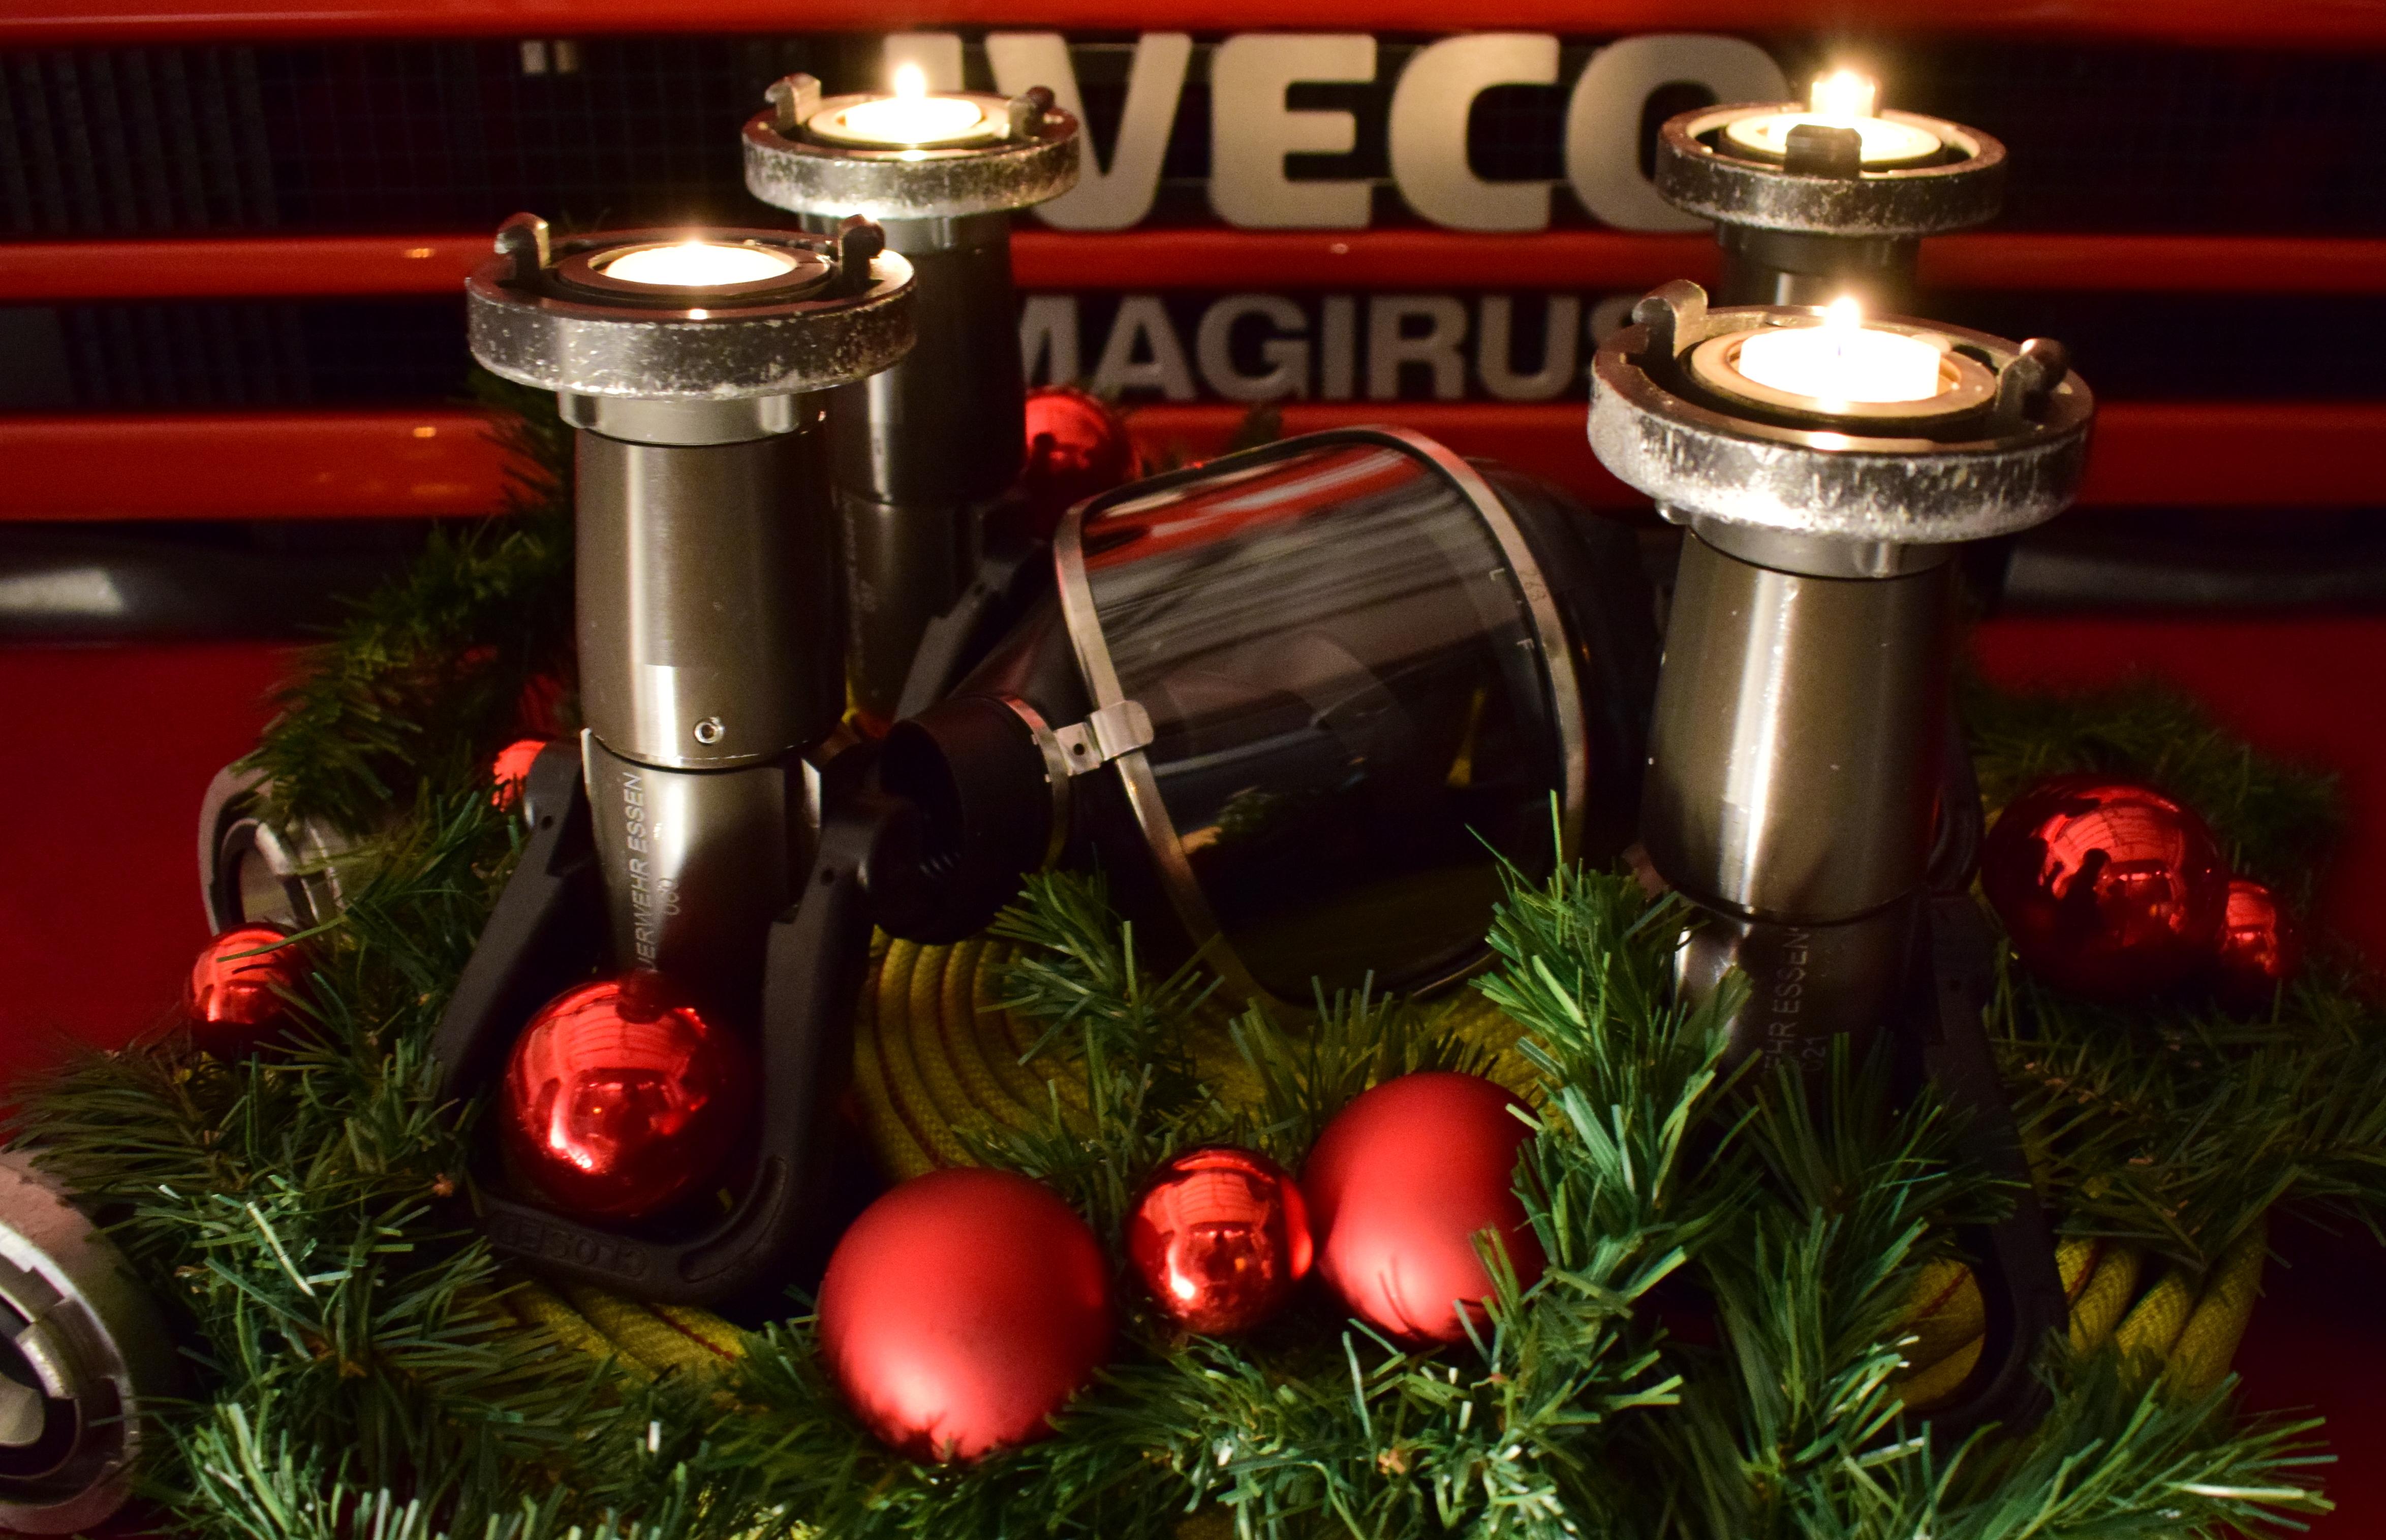 Weihnachtsbaum Kaufen Essen.Die Adventszeit Freiwillige Feuerwehr Essen Margarethenhöhe